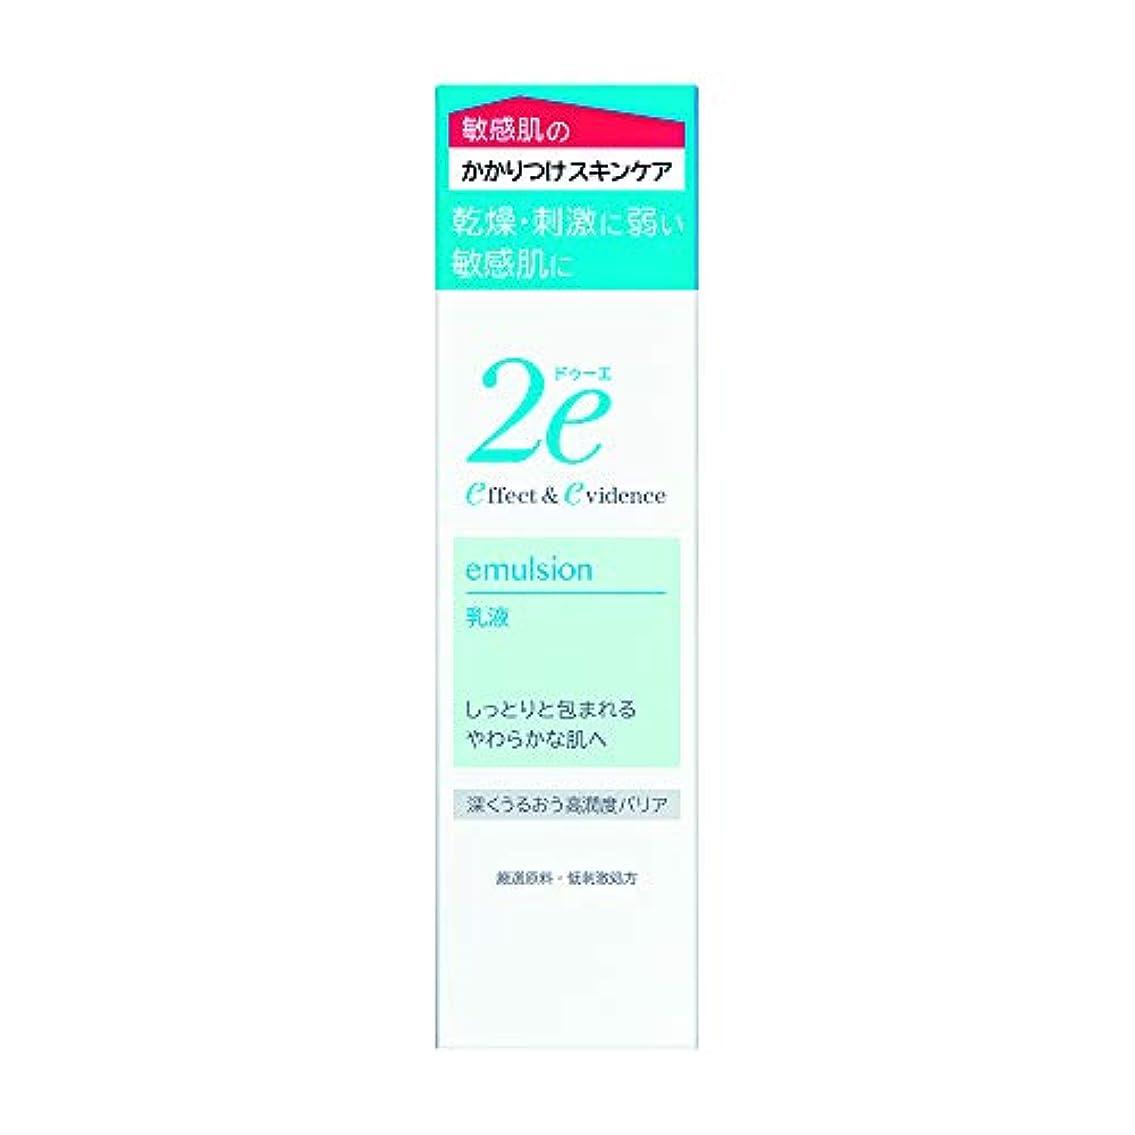 密度はさみフリース2e(ドゥーエ) 乳液 敏感肌用乳液 低刺激処方 深くうるおう高潤度バリア 140ml 化粧水